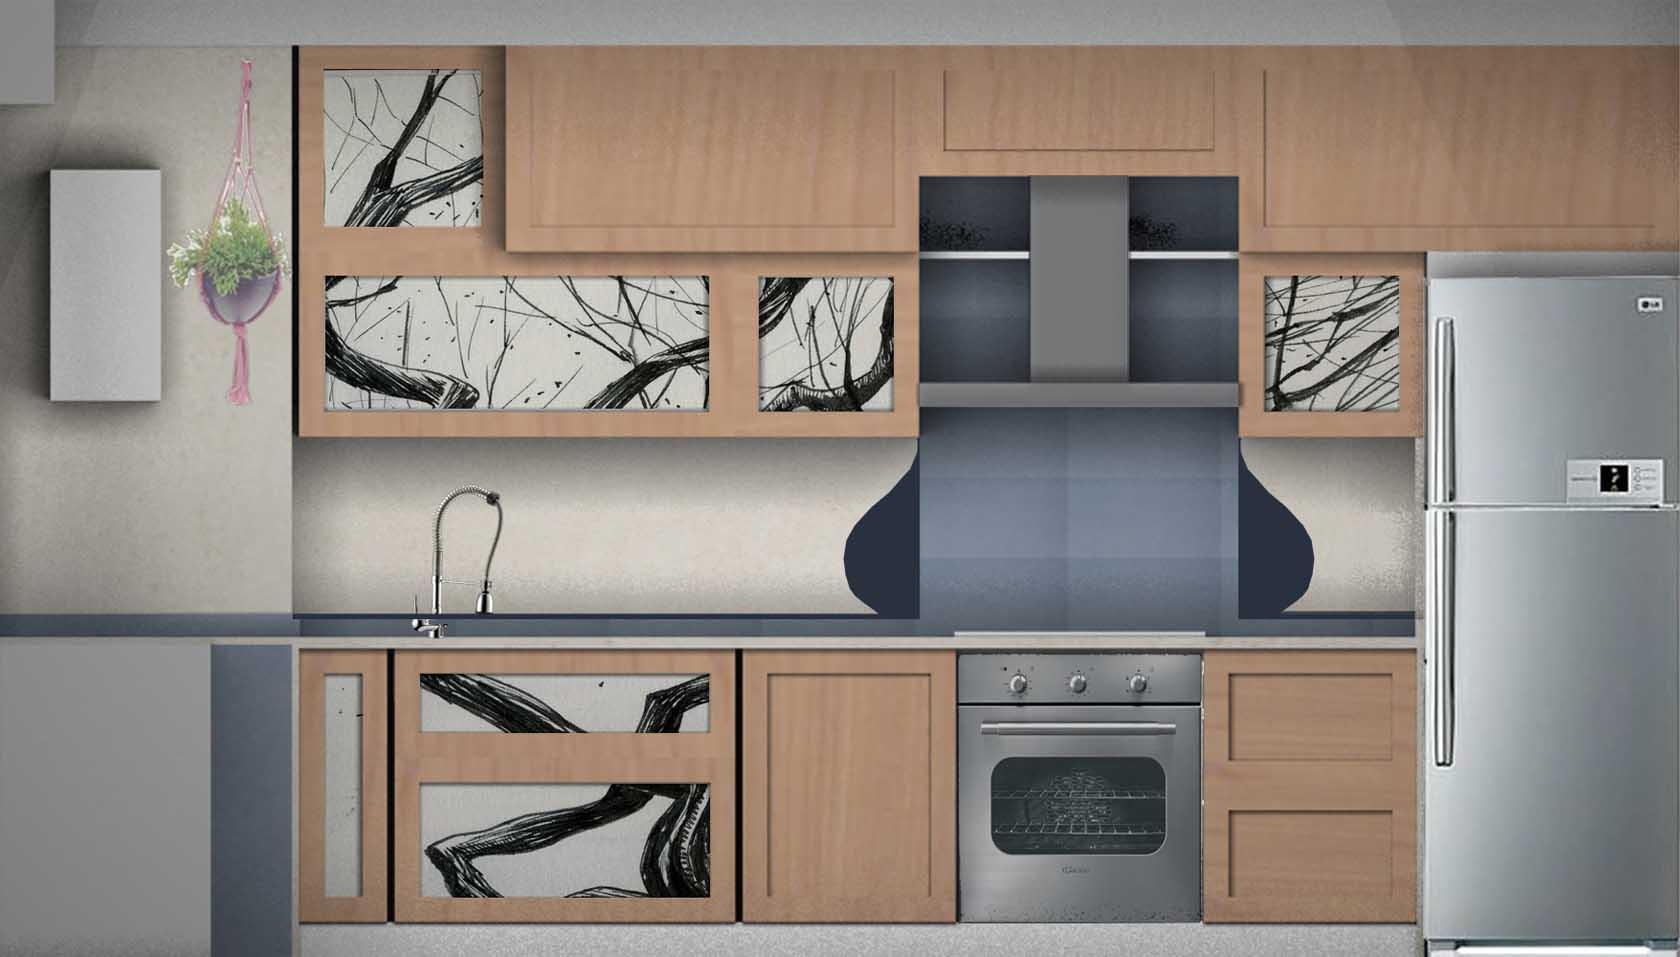 Cucina In Muratura Moderna Progetto. Elegant Cucina In Muratura ...